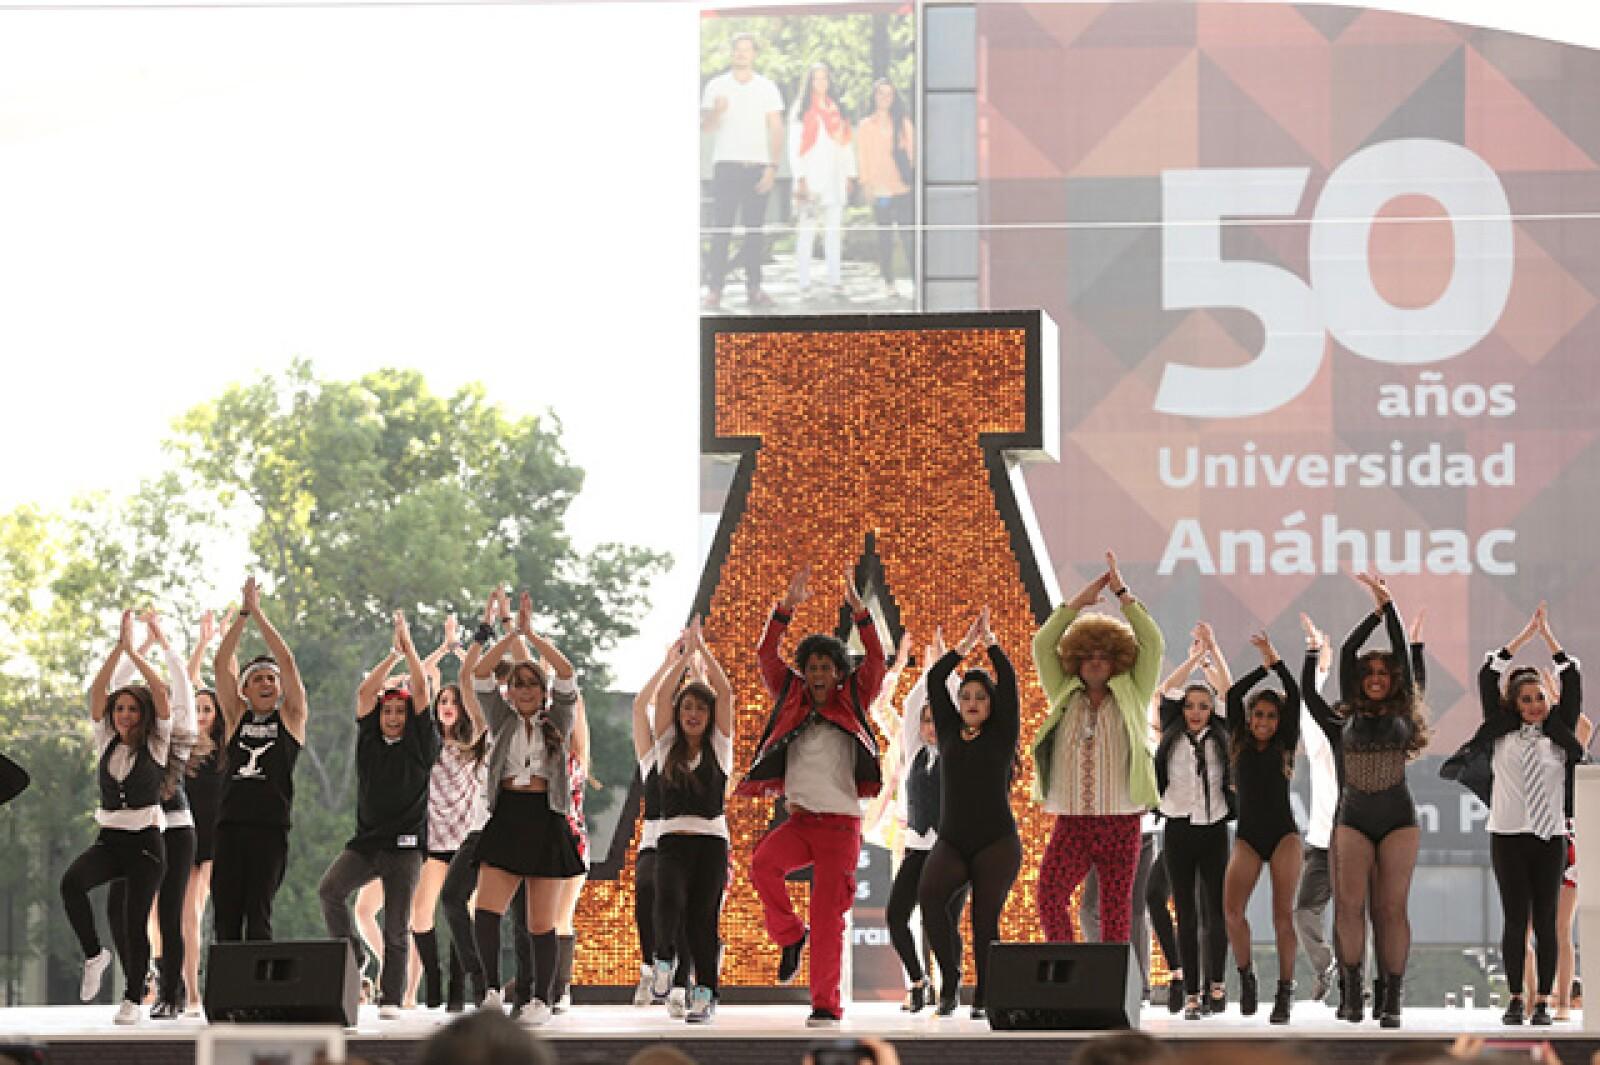 Clausura del 50 aniversario de la Anáhuac